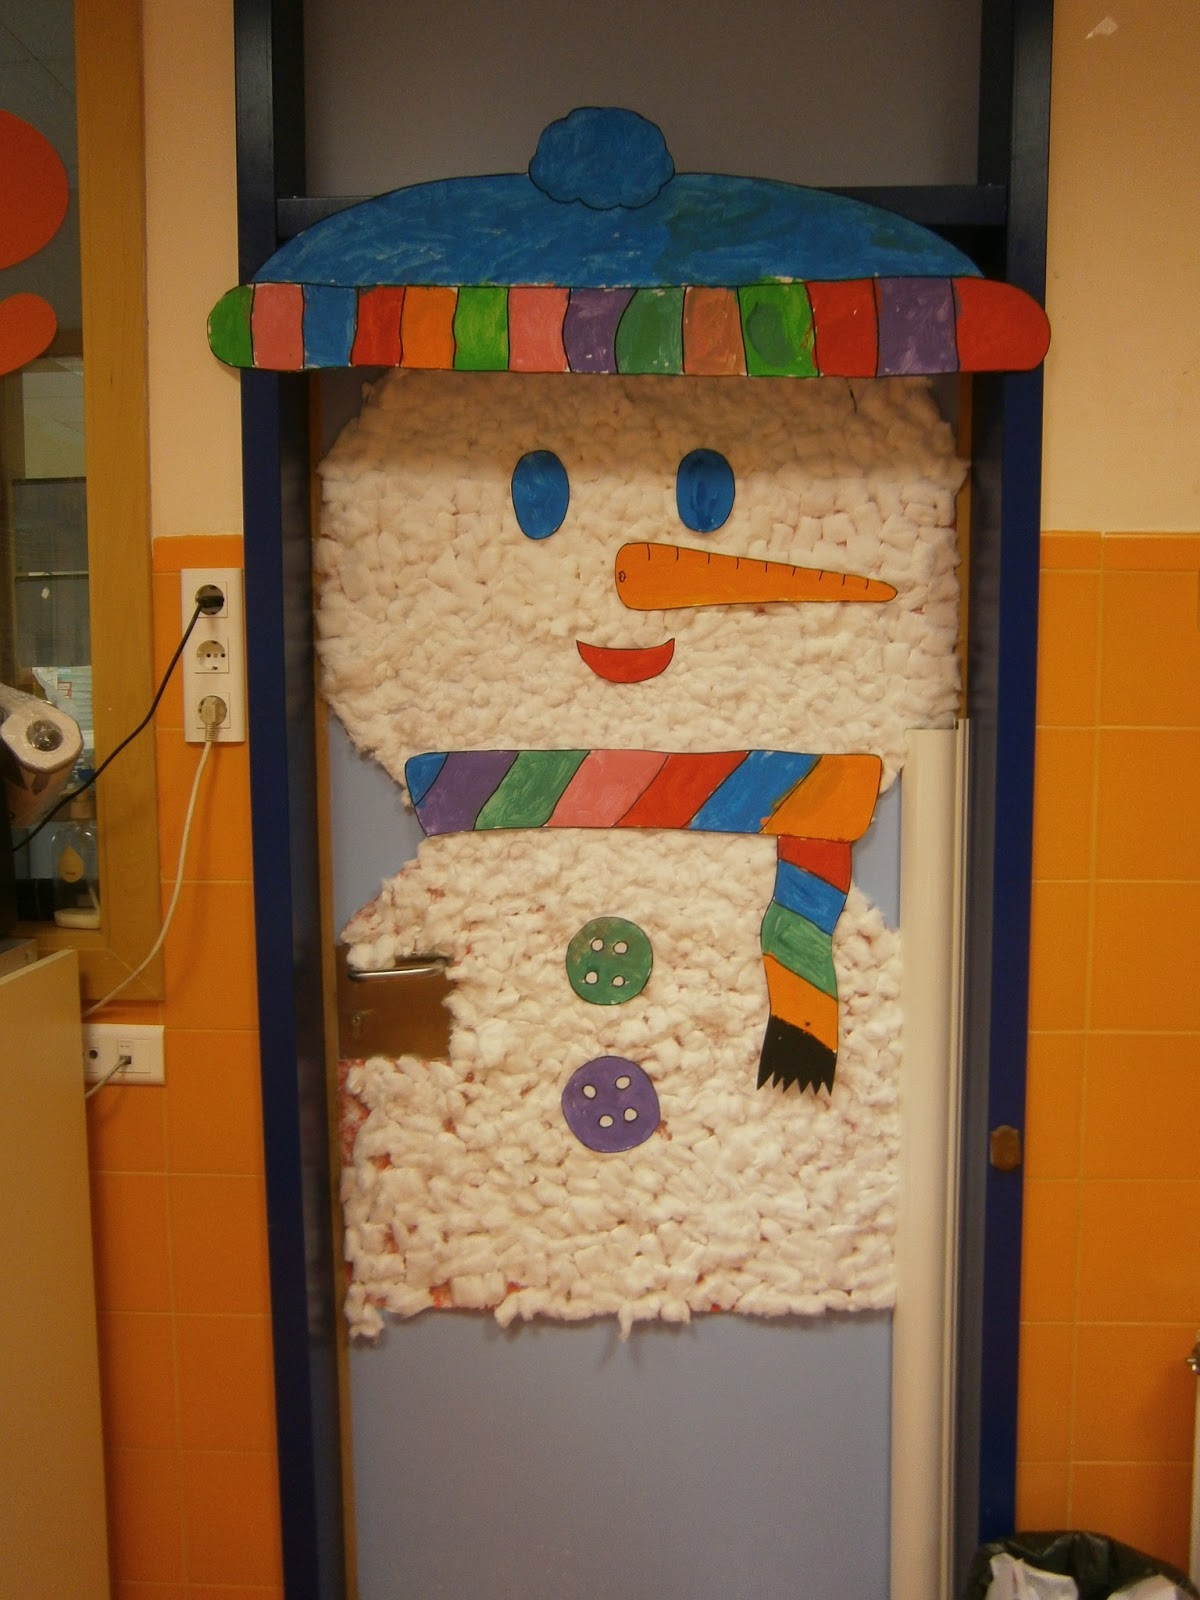 Puertas8 imagenes educativas for Puertas decoradas enero